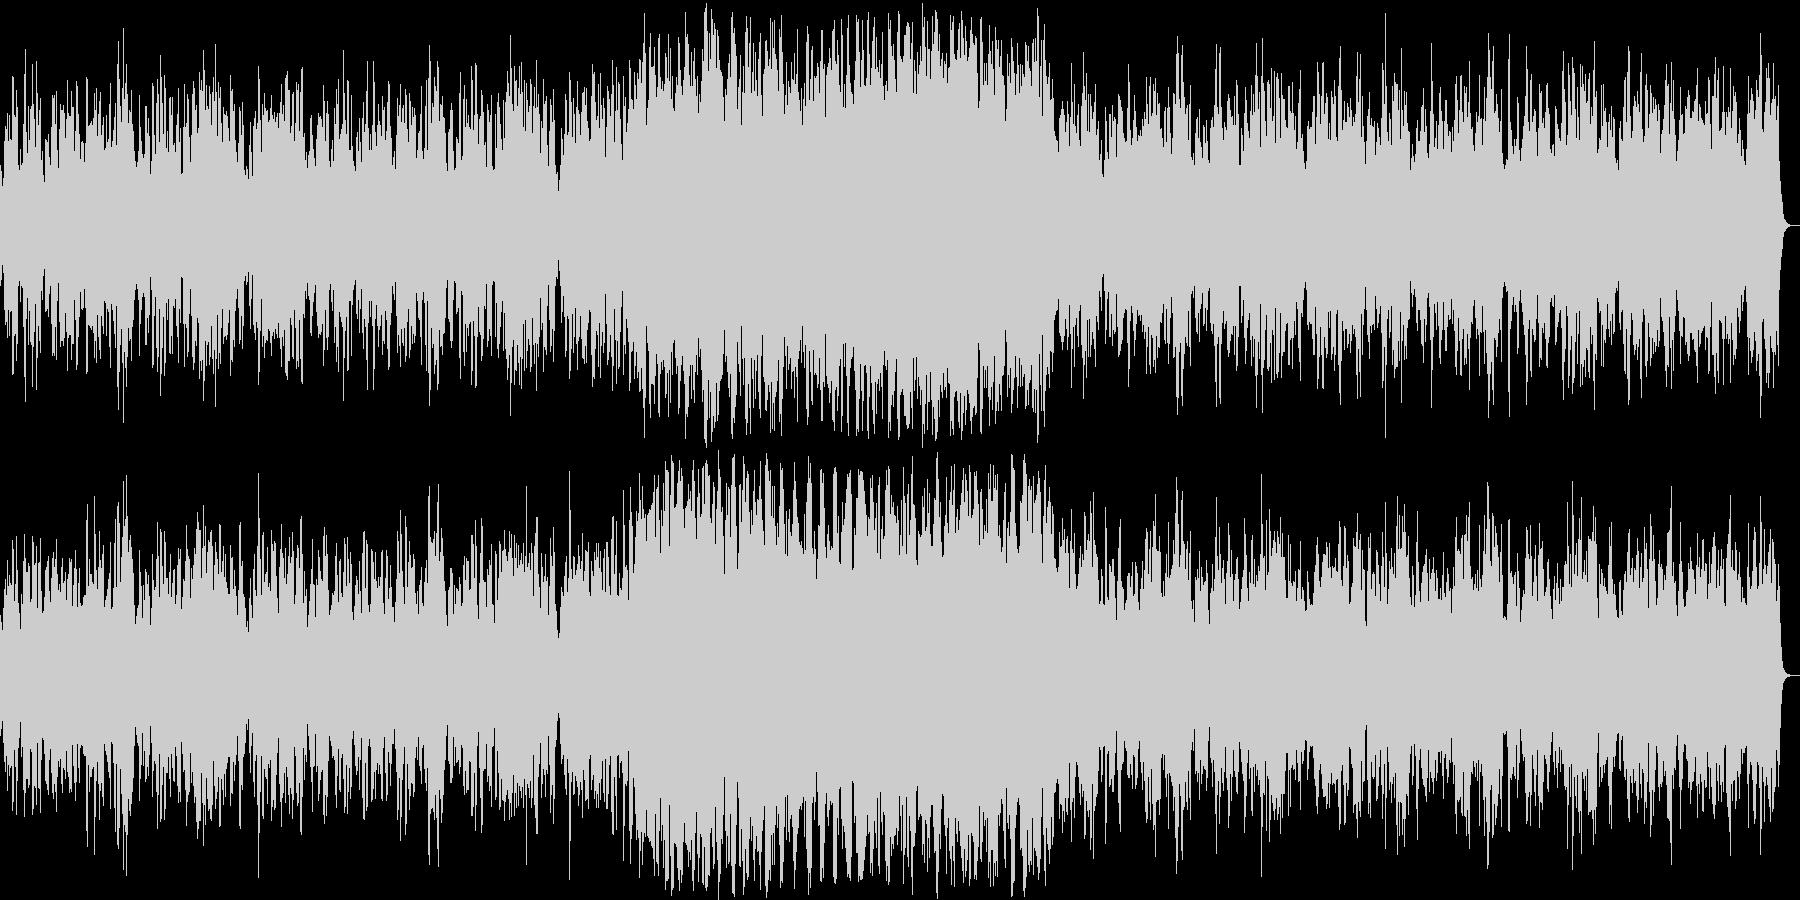 神聖な雰囲気のシンセサイザーサウンドの未再生の波形